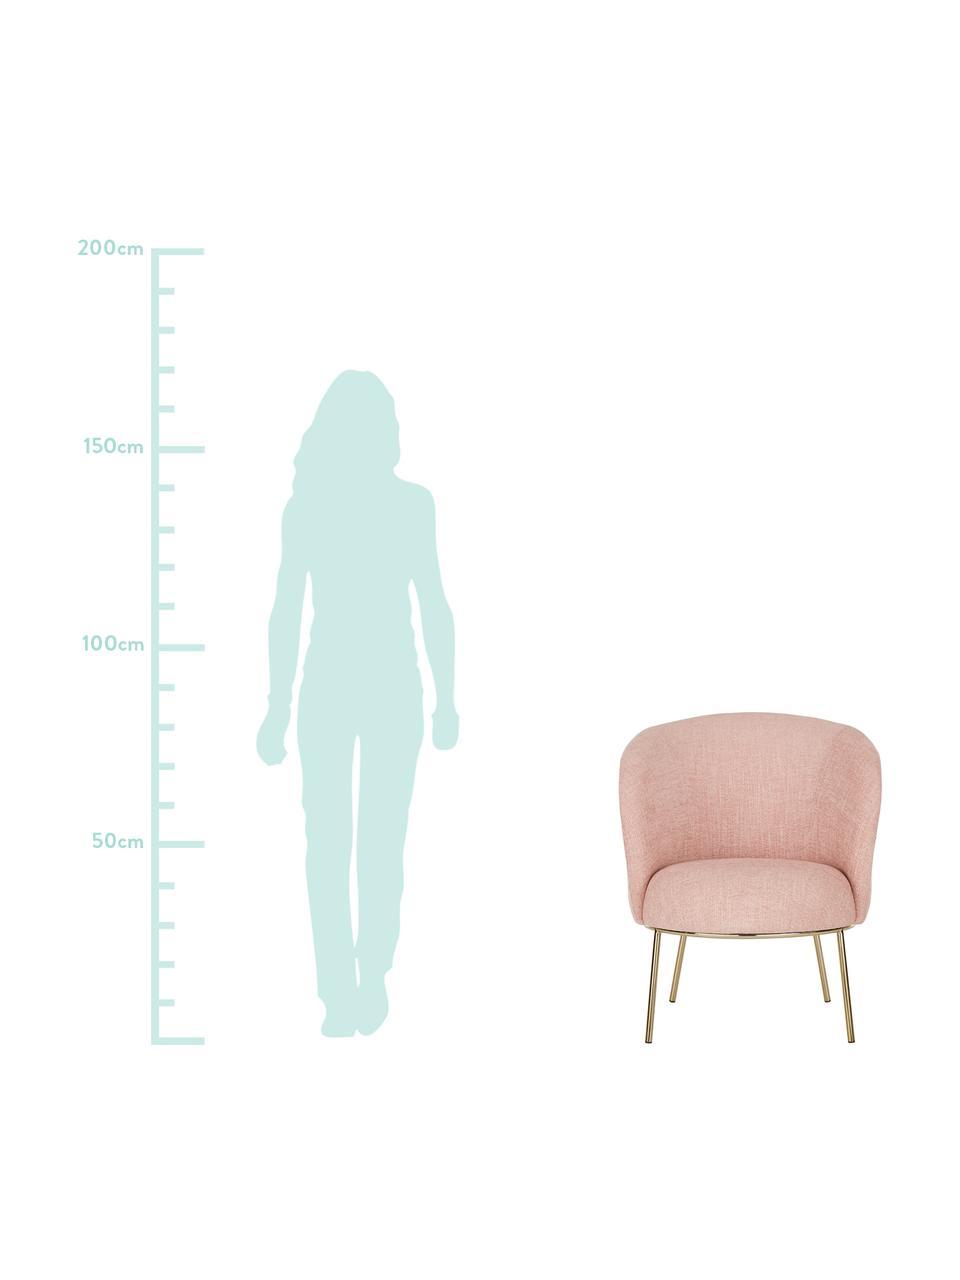 Fotel koktajlowy Kylie, Tapicerka: poliester 20 000 cykli w , Stelaż: metal, sklejka, Nogi: metal powlekany, Blady różowy, S 77 x G 72 cm